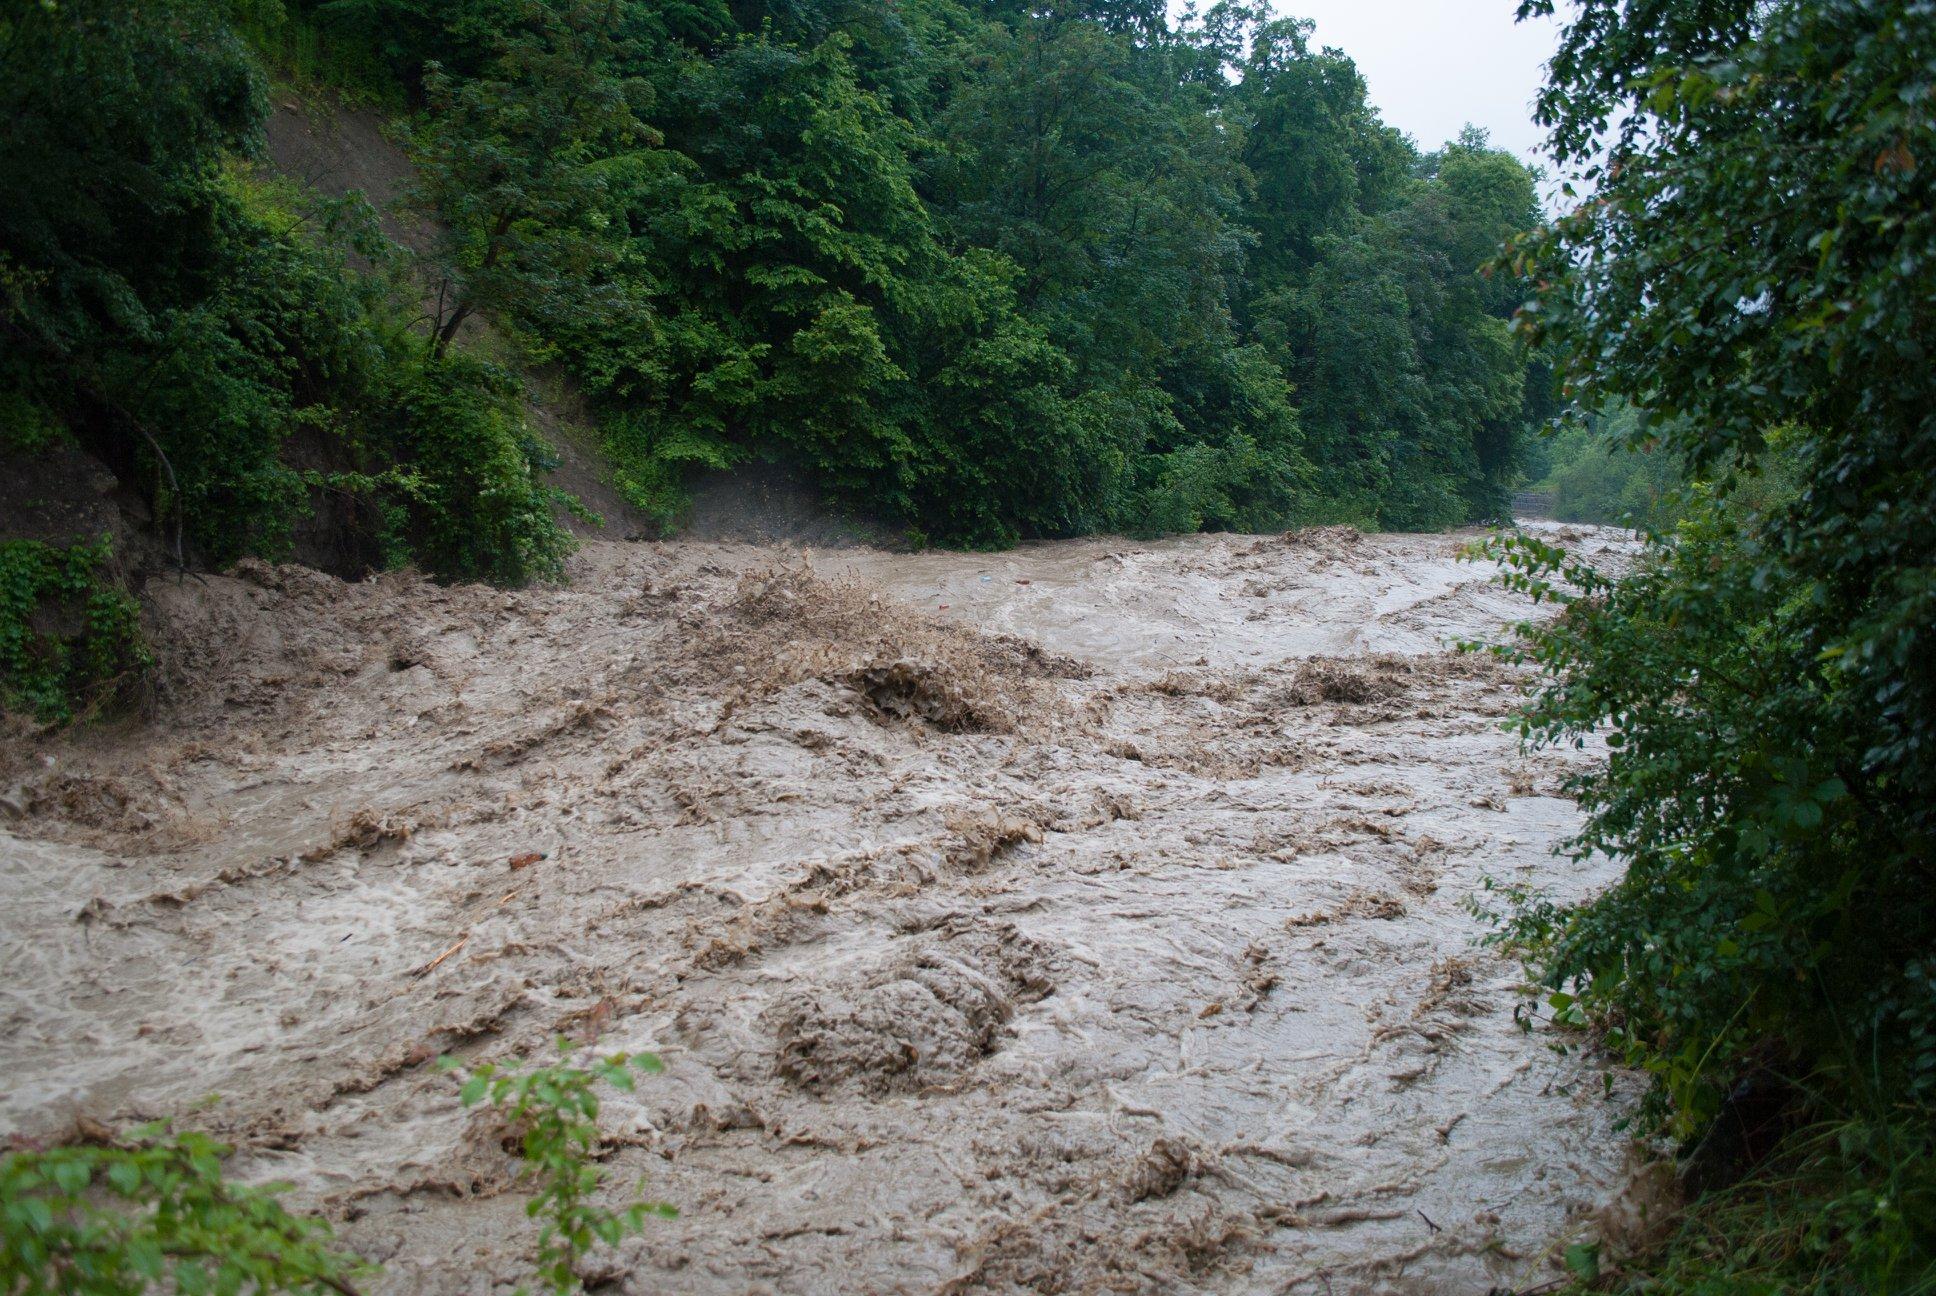 Затоплені дороги, зруйновані кладки, сміття: Черемош вийшов з берегів 8